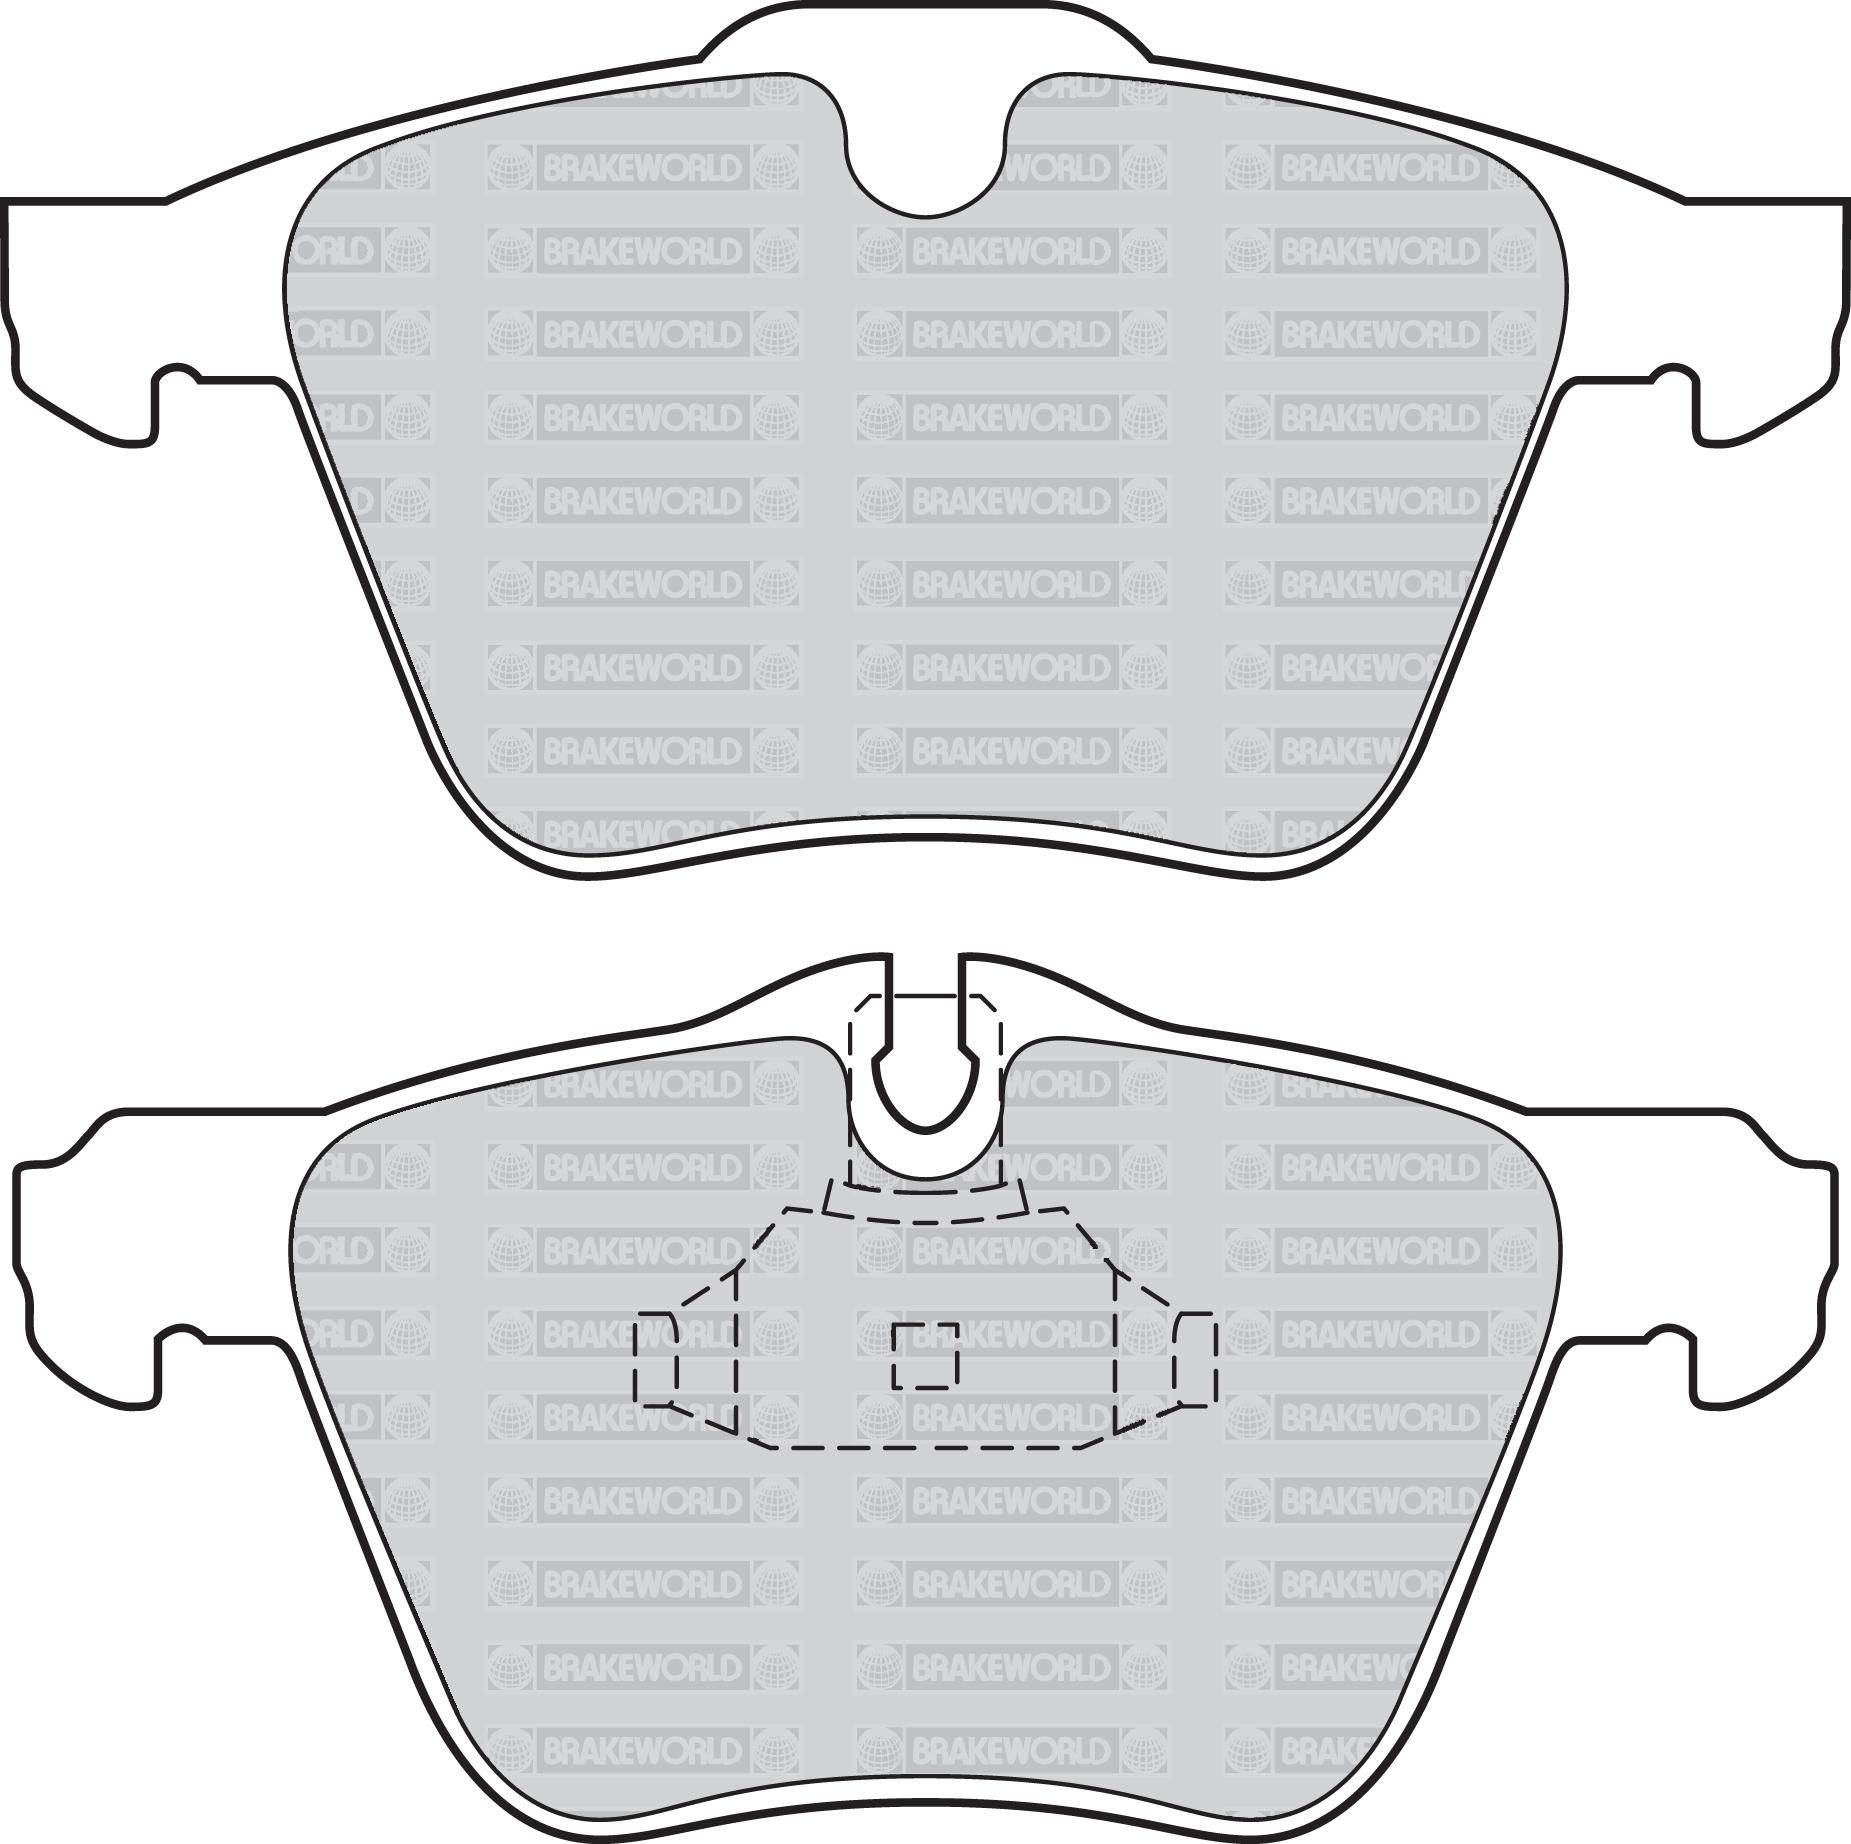 OEM Delantero Discos Almohadillas 282mm Para Citroen Berlingo Multispace 1.6 TD 90 HP 2008